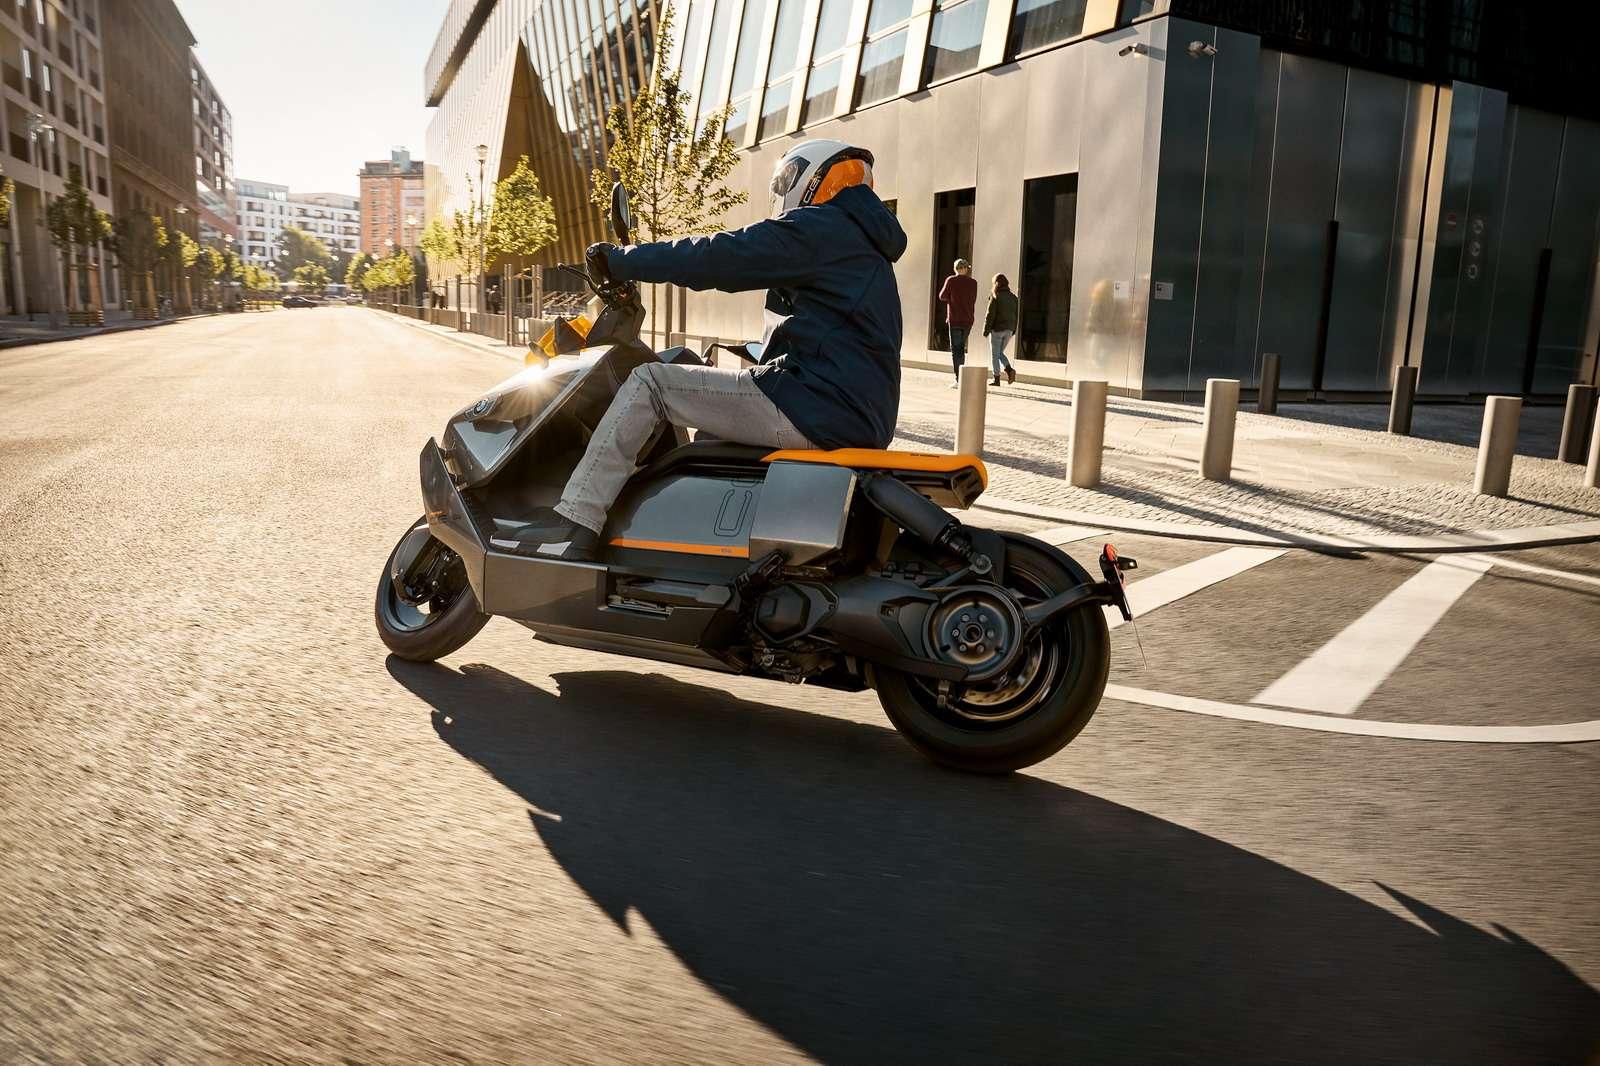 全新BMW CE 04摩托车全球首发 开启都市两轮出行新篇章